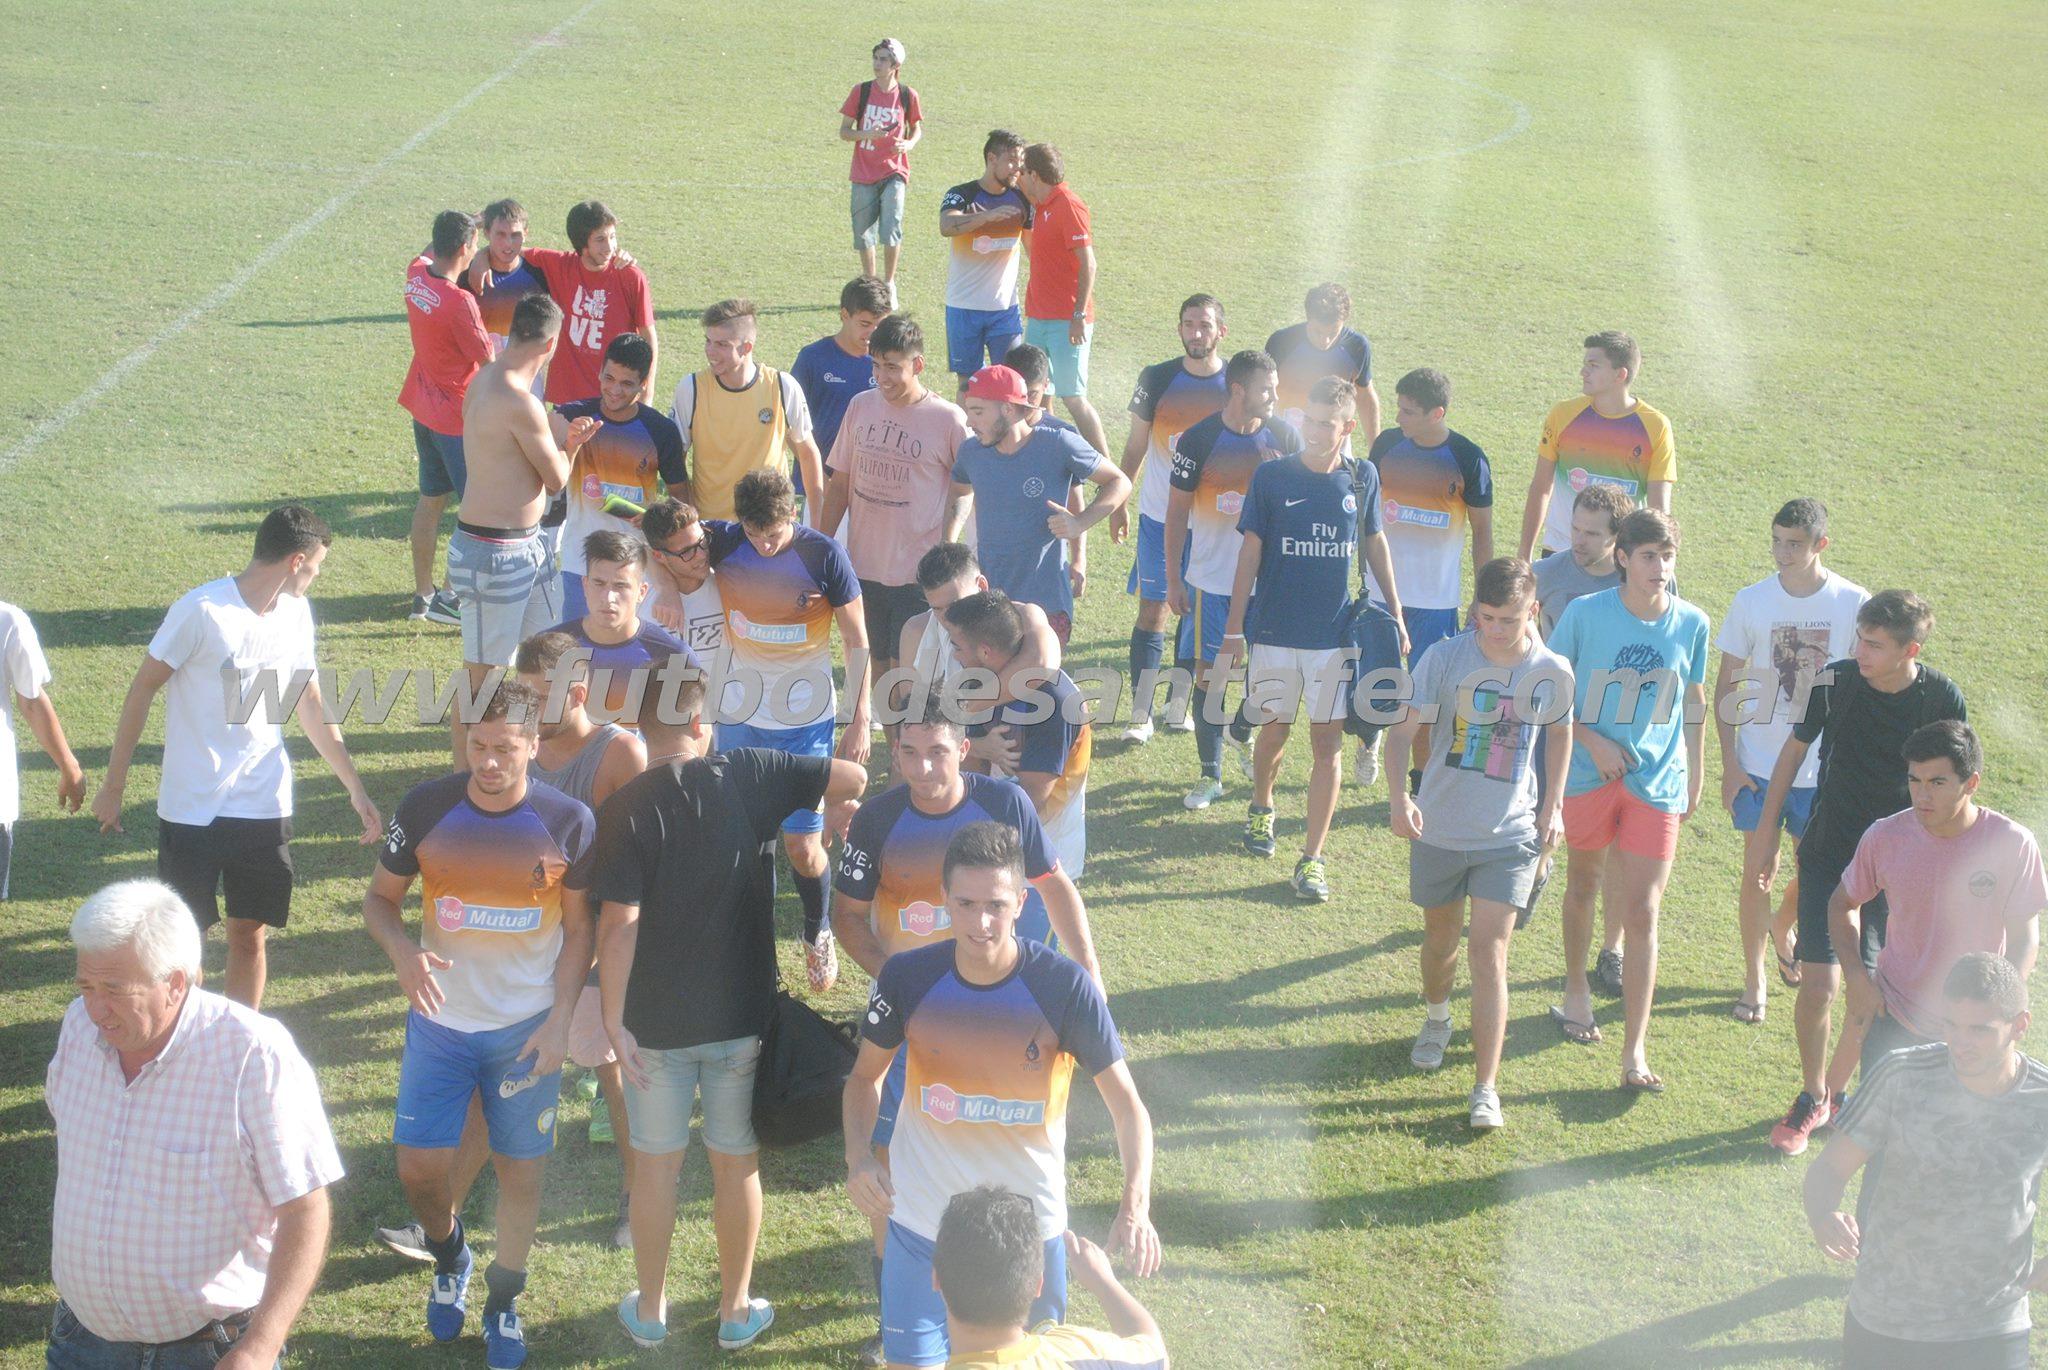 El Quillá ganó y depende de si mismo para conseguir el título. Foto: Julián Andrés Monzón.